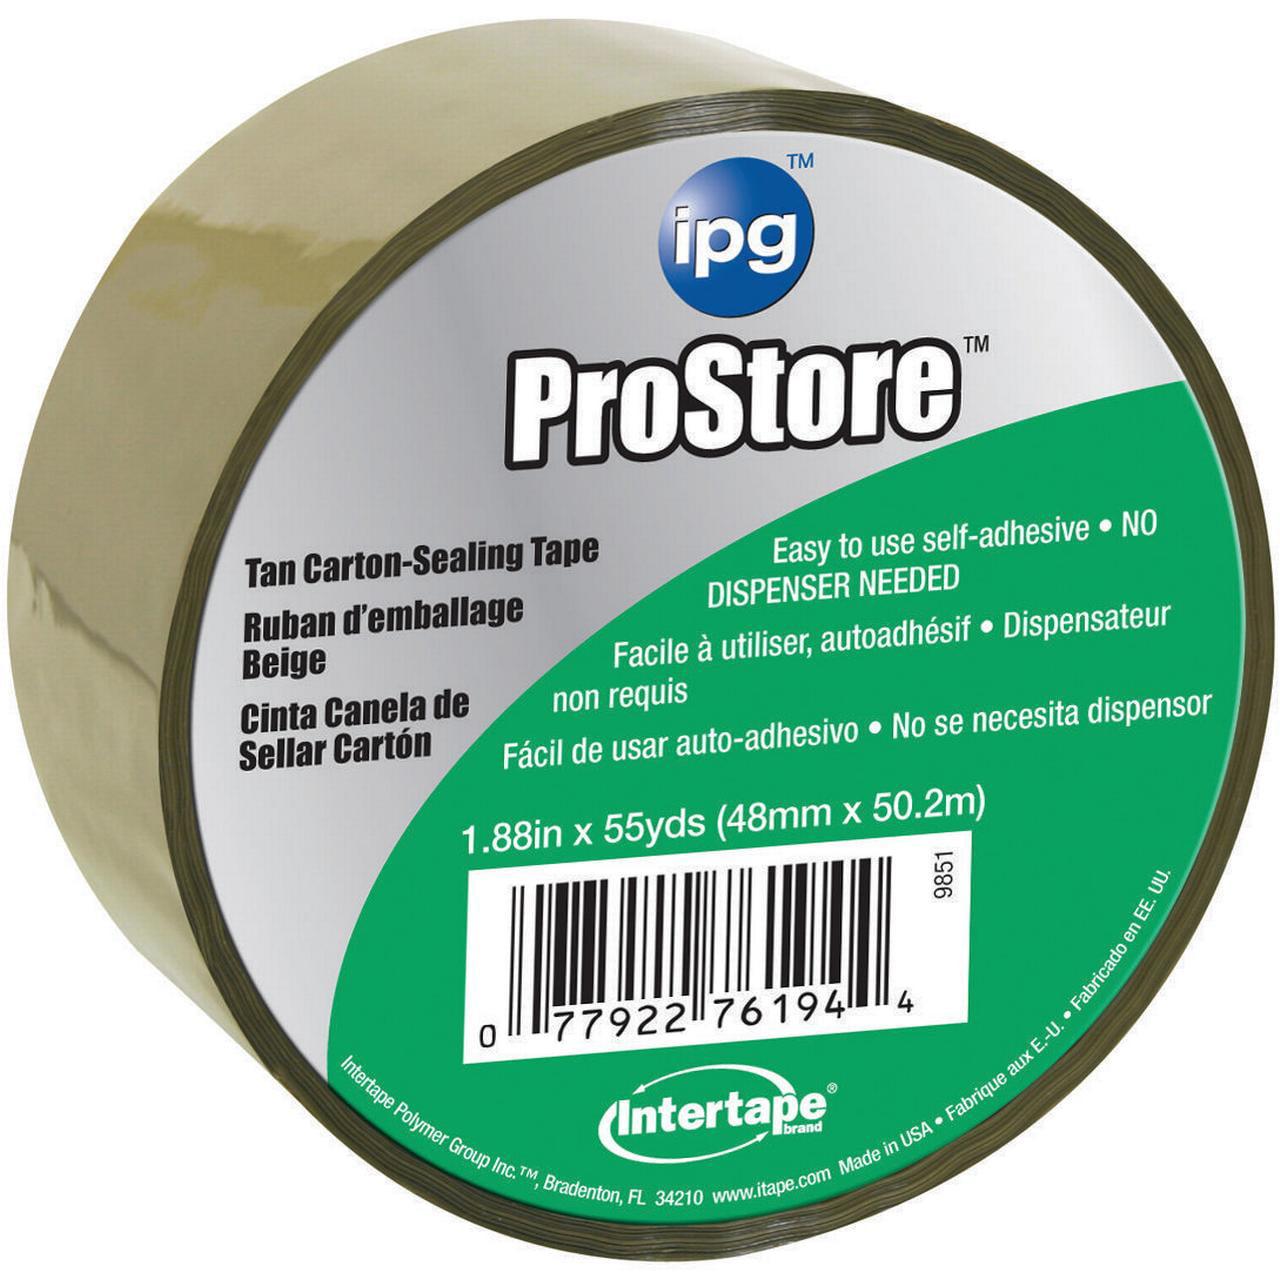 IPG 9851 Storage Tape, 1.88 in W x 54.6 yd L x 1.85 mil T, Tan